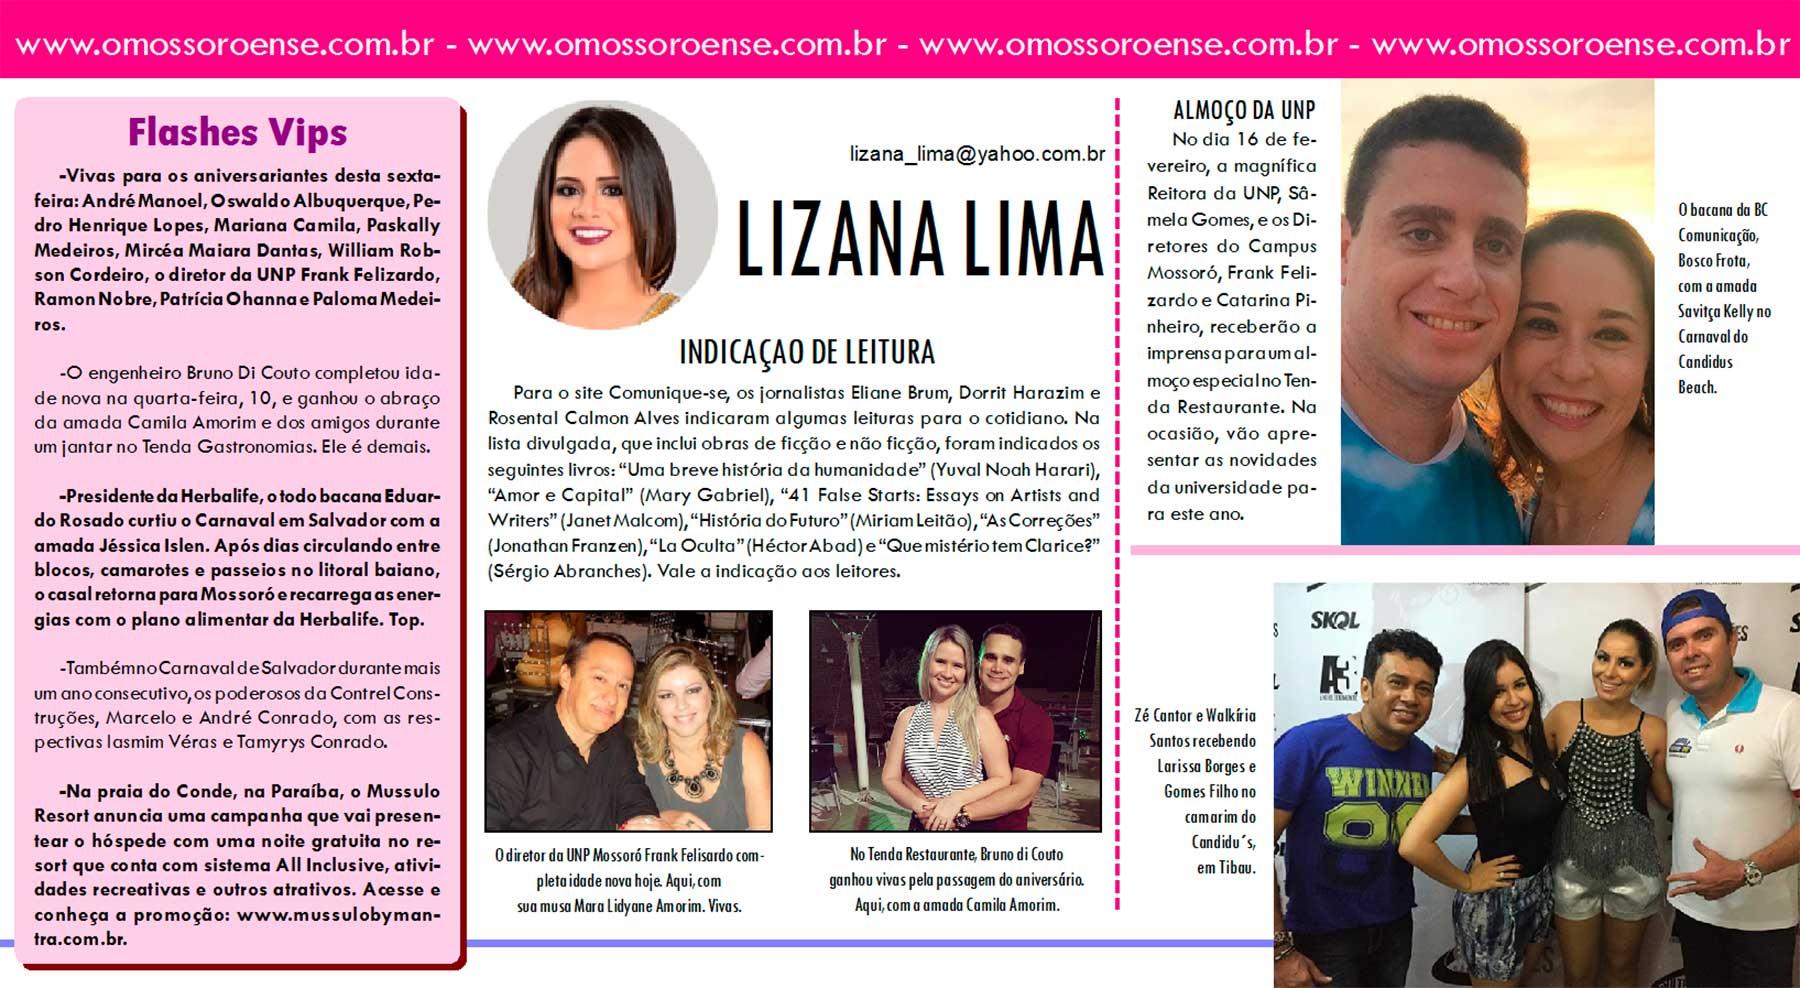 LIZANA-LIMA-12-02-16